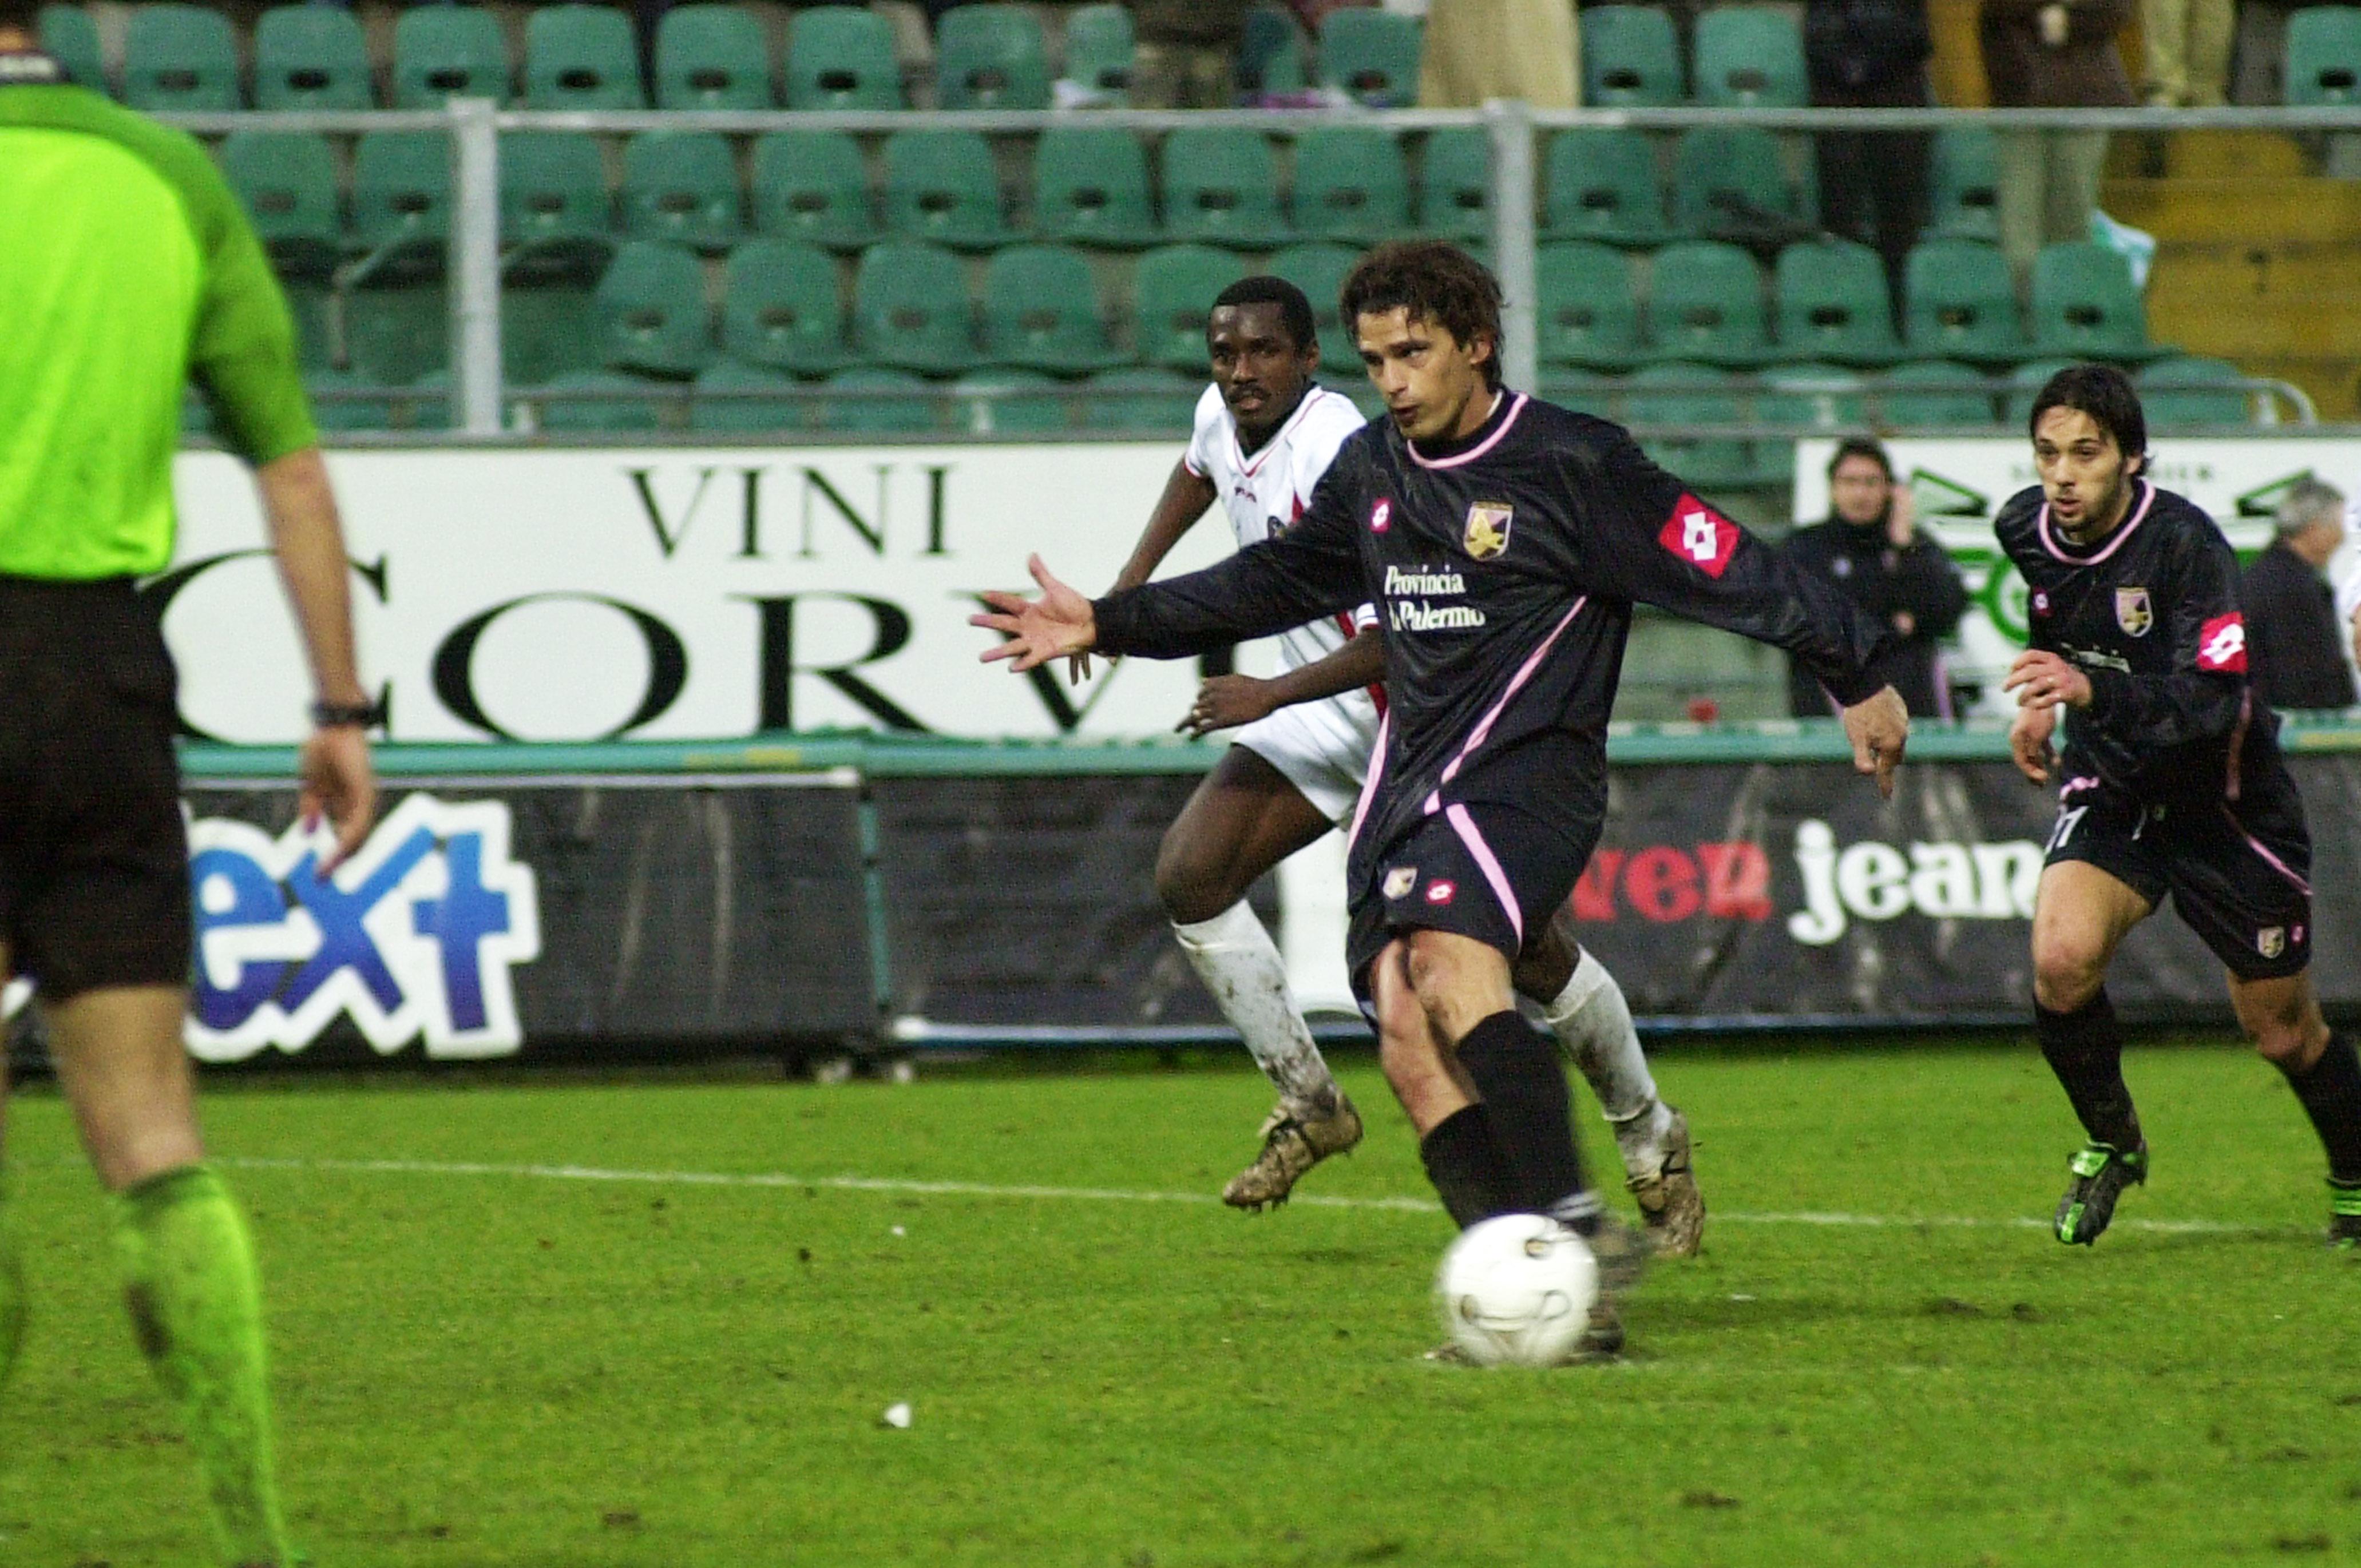 Sono 10 i confronti in terra siciliana tra Palermo e Cosenza: lo score vede i rosanero in vantaggio avendo vinto 5 volte, pareggiato 4 e perso solo una volta. La prima sfida risale al 15 dicembre 1946, si giocava la 12esima giornata di serie B i rosanero s'imposero con il punteggio di 1-0 con gol al 35′ di Lombardi.Era una B divisa in tre gironi: i siciliani, reduci dalla retrocessione dell'anno precedente, conclusero il girone C del torneo all'ottavo posto. L'anno successivo un successo rosanero ancora più netto, un 3-0 con la tripletta al 13′, 19′ e 29′ di Aurelio